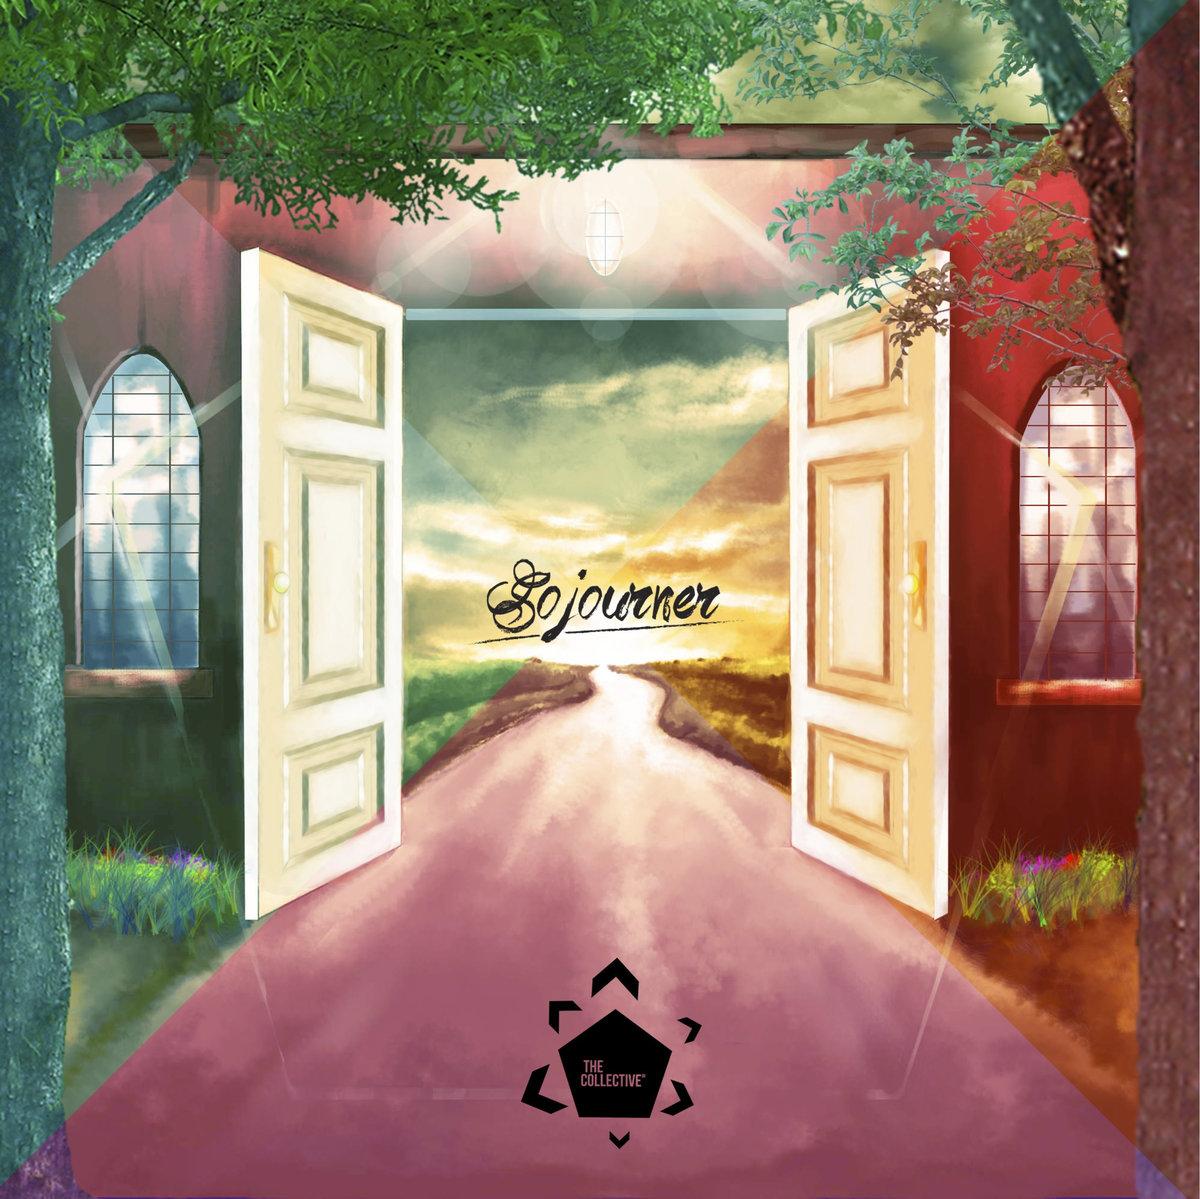 Sojourner Album Art